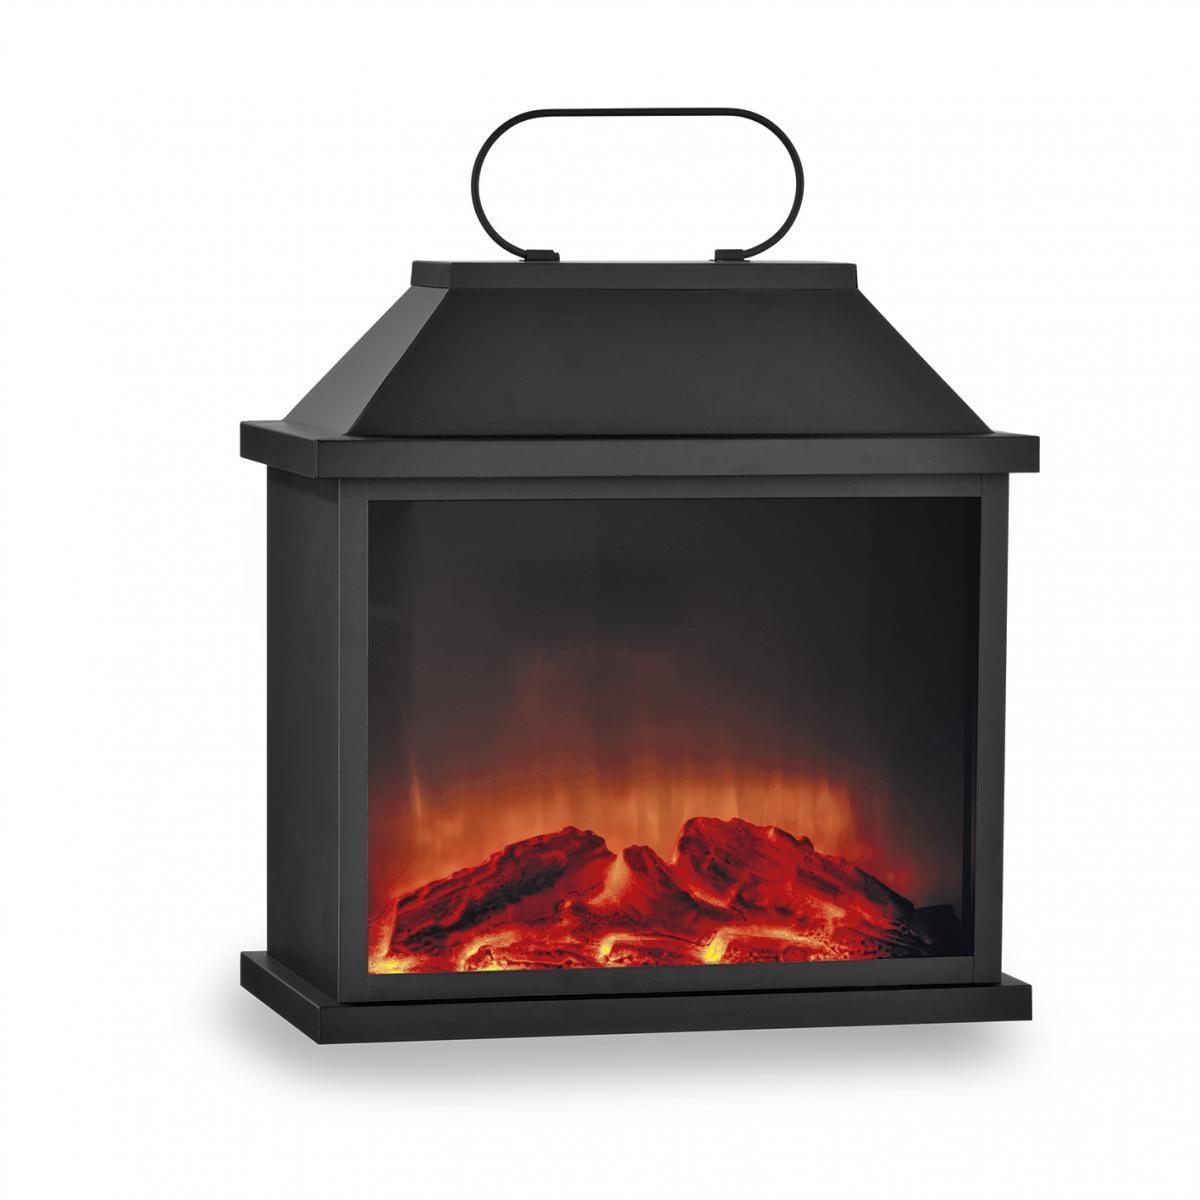 Bild 4 von EASYmaxx LED-Laterne Flamme Metall 4,5V schwarz